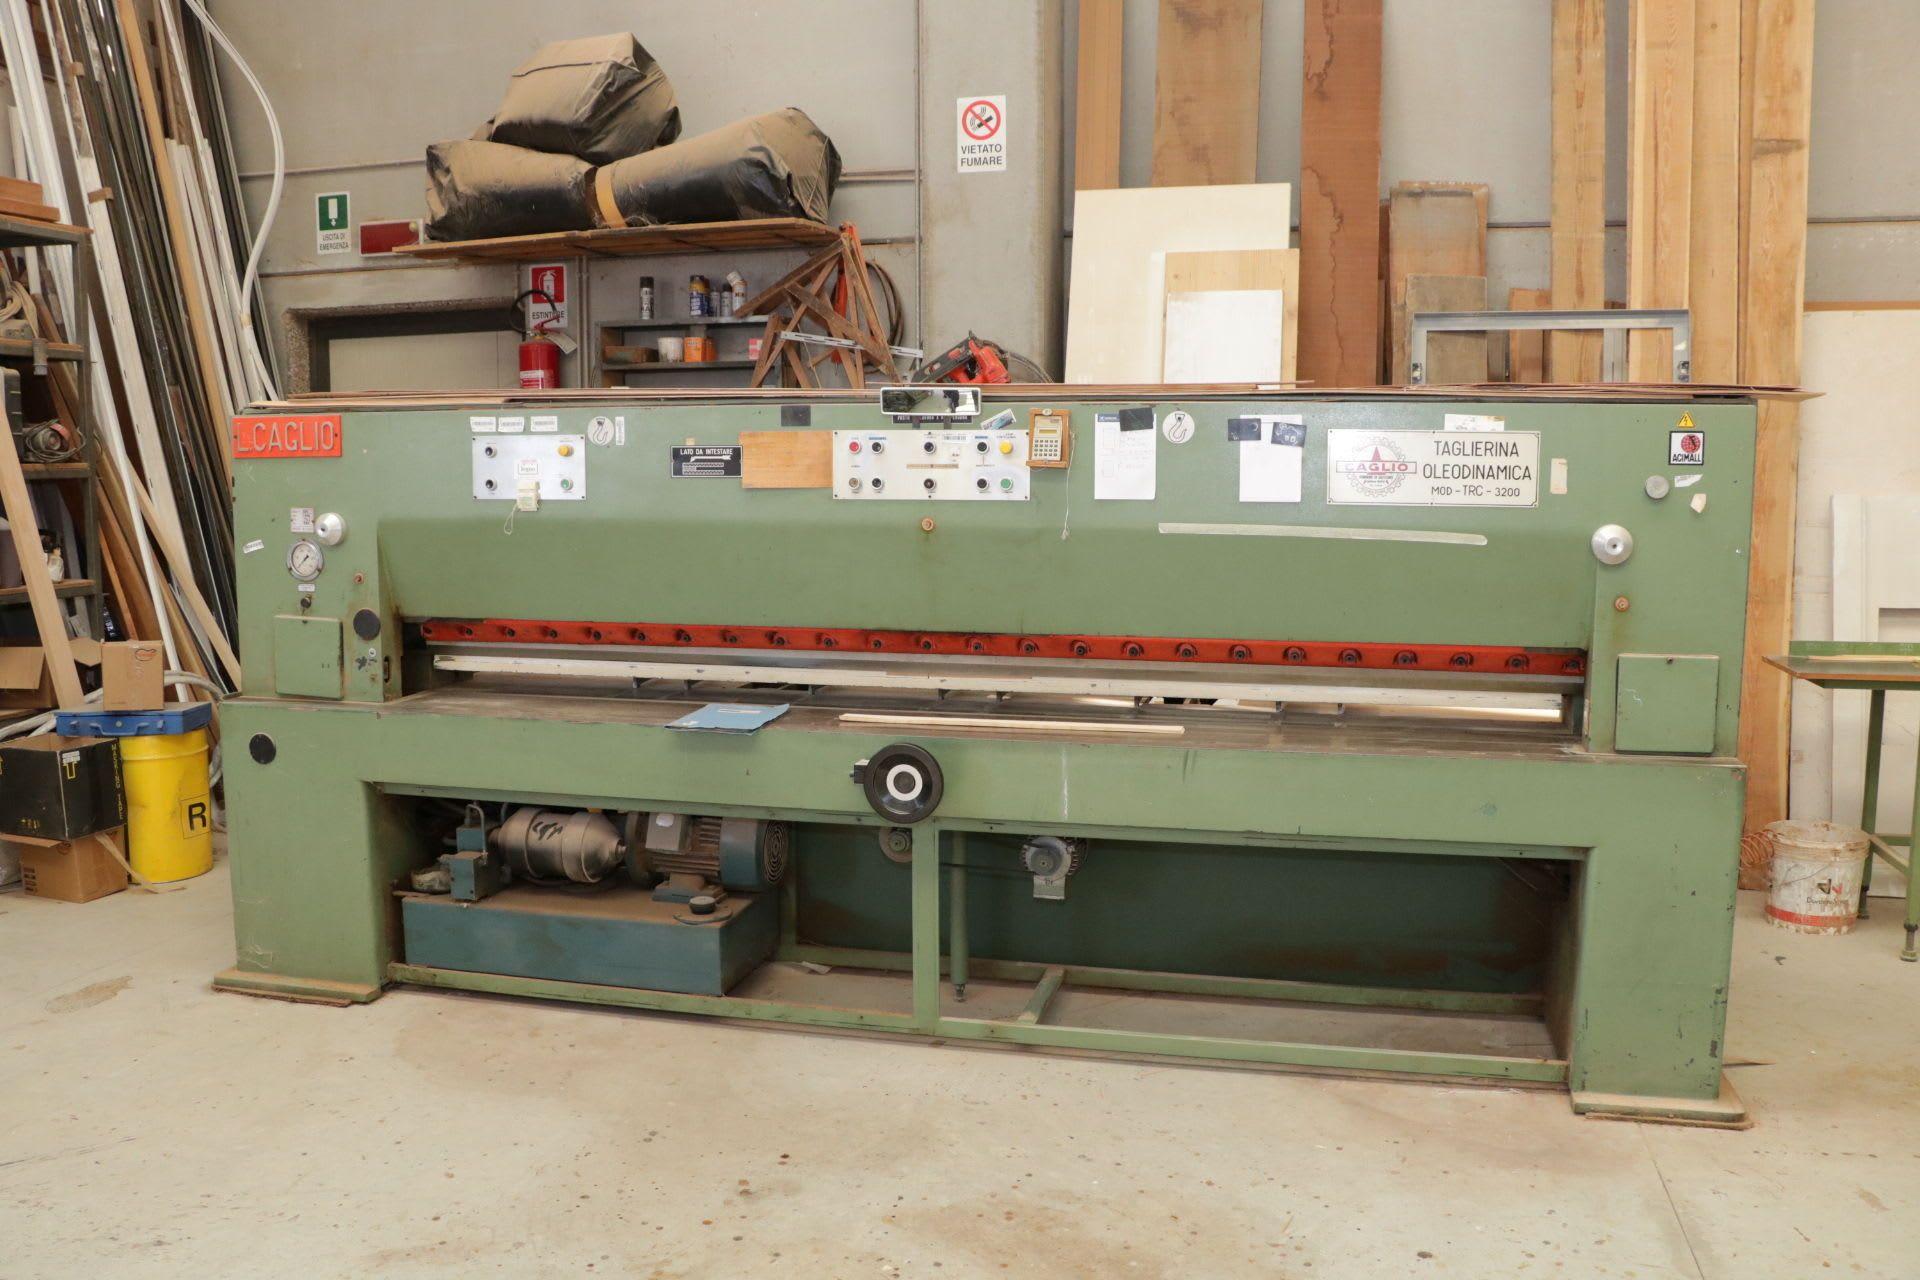 CAGLIO TRC-3200 Furnierschneidemaschine